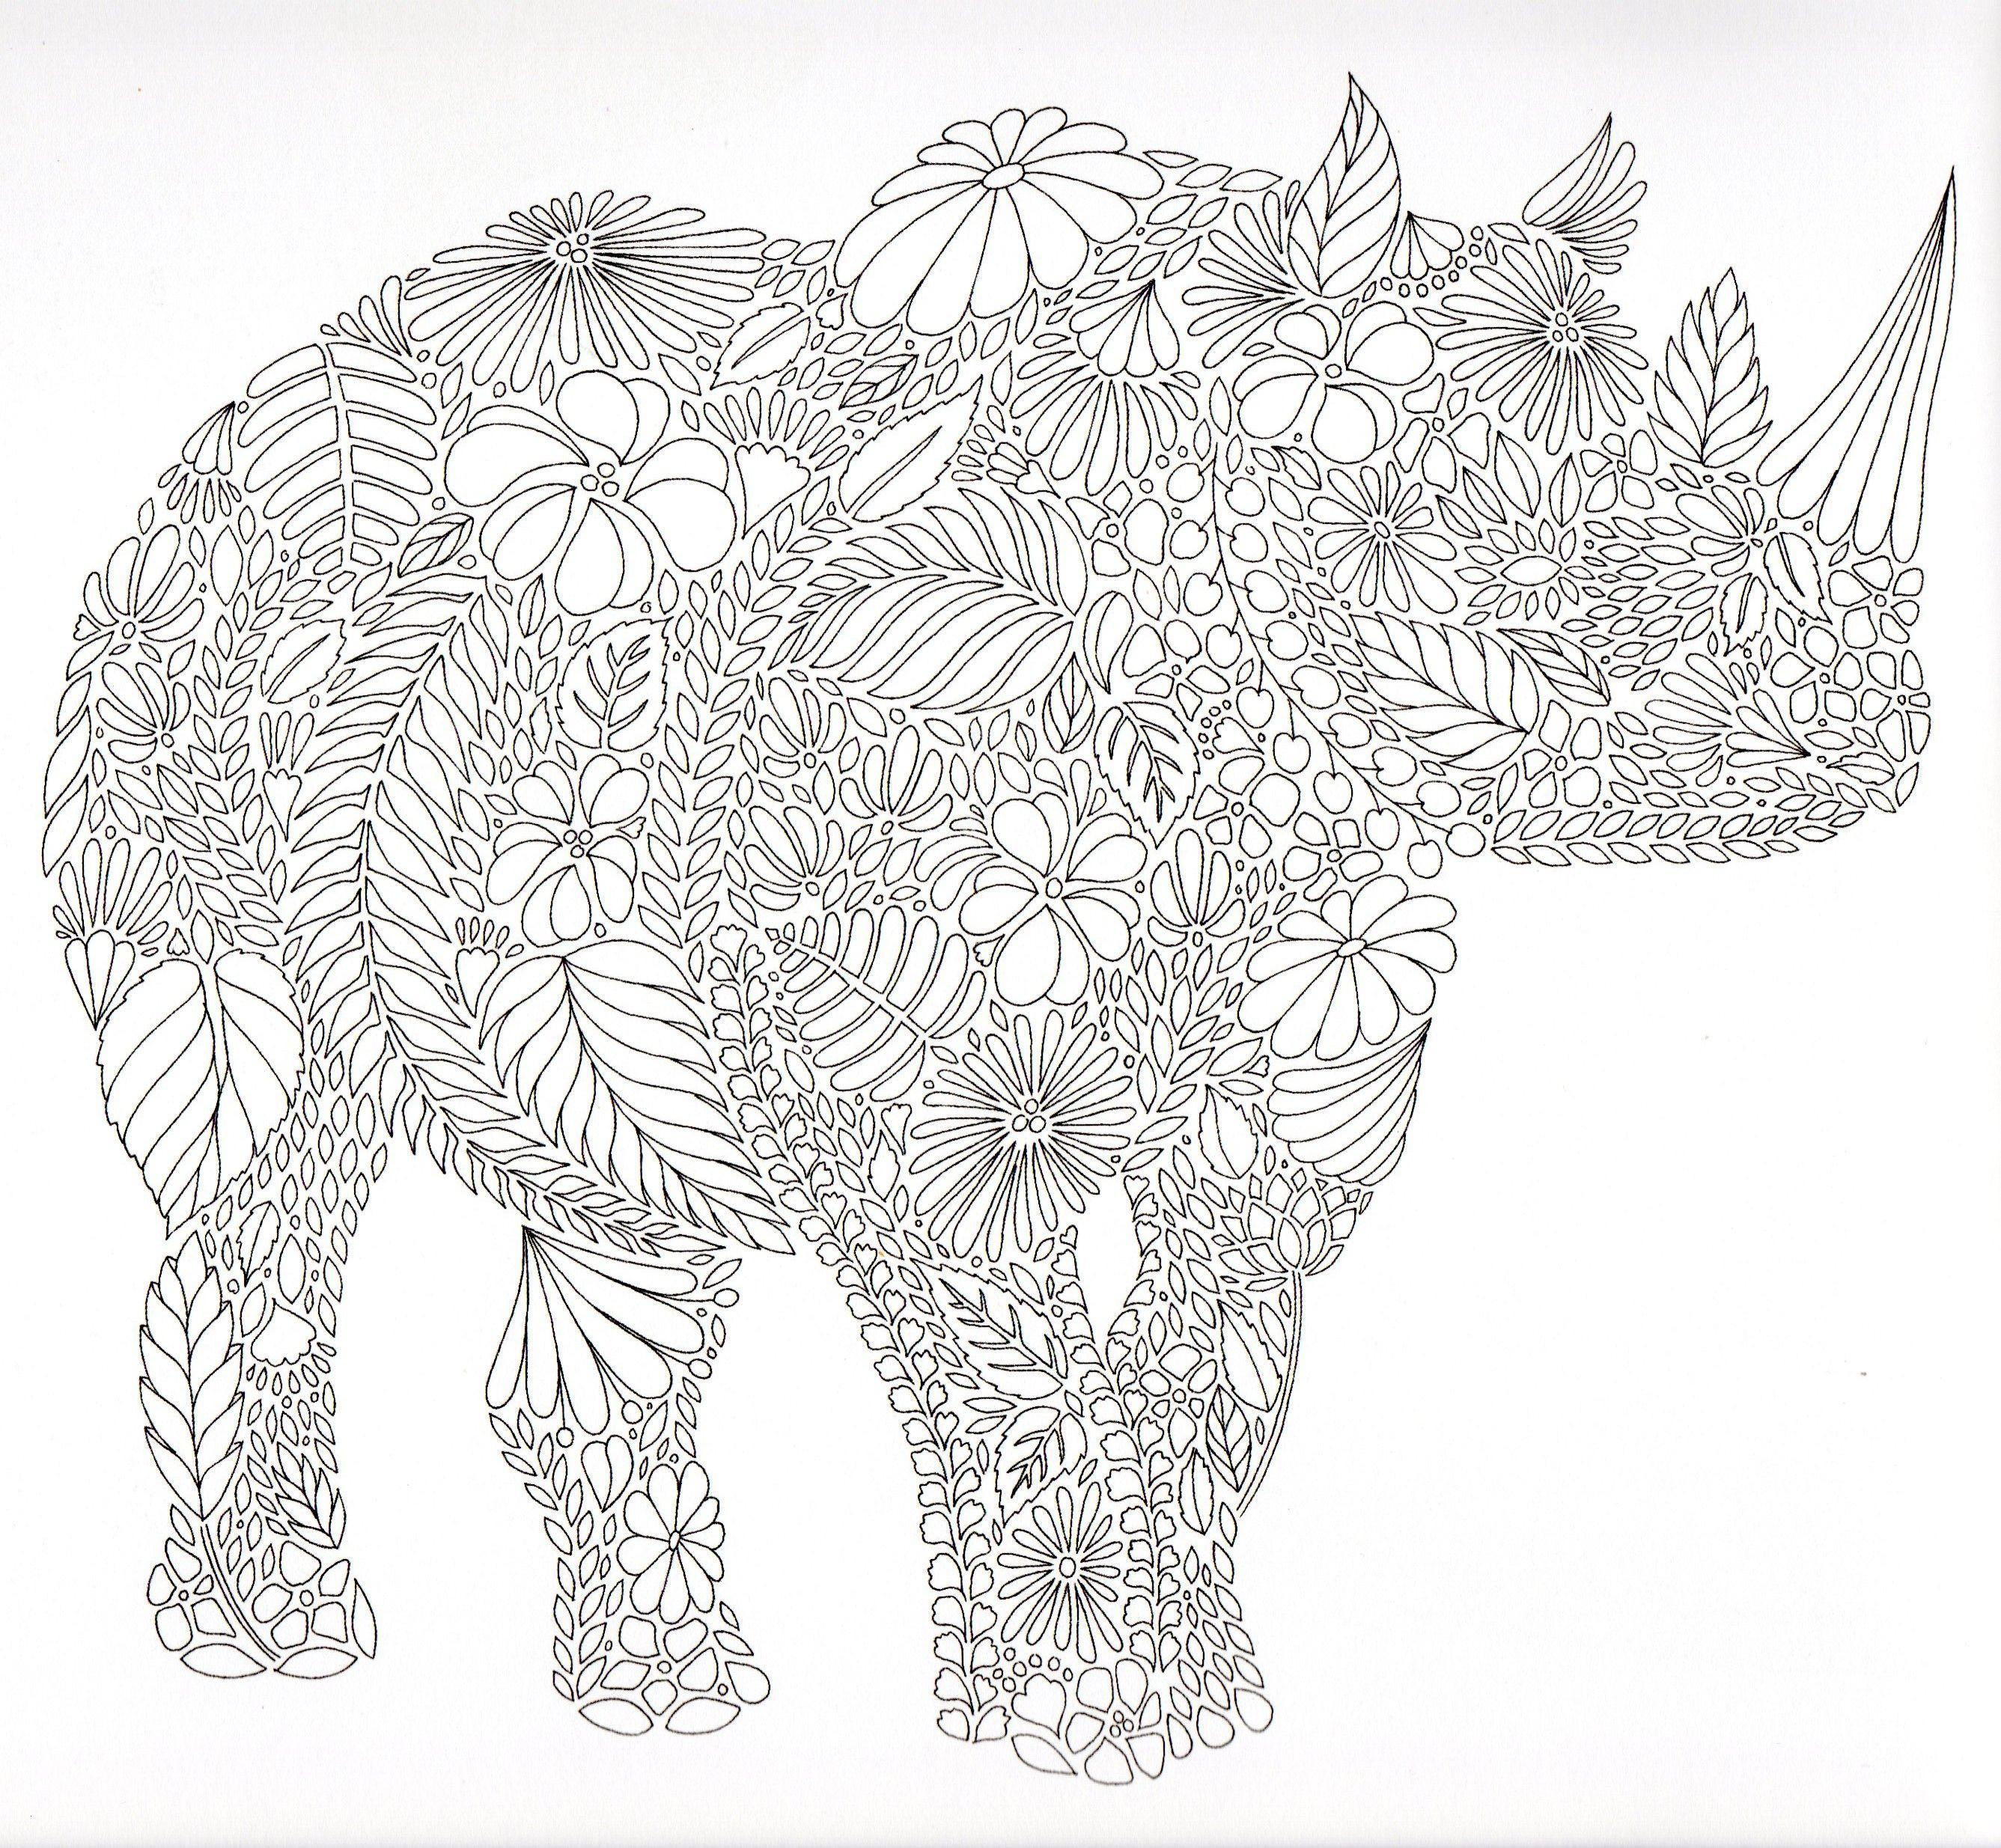 Shaun Das Schaf Ausmalbild Frisch 35 Mandala Ausmalbilder Tiere forstergallery Das Bild